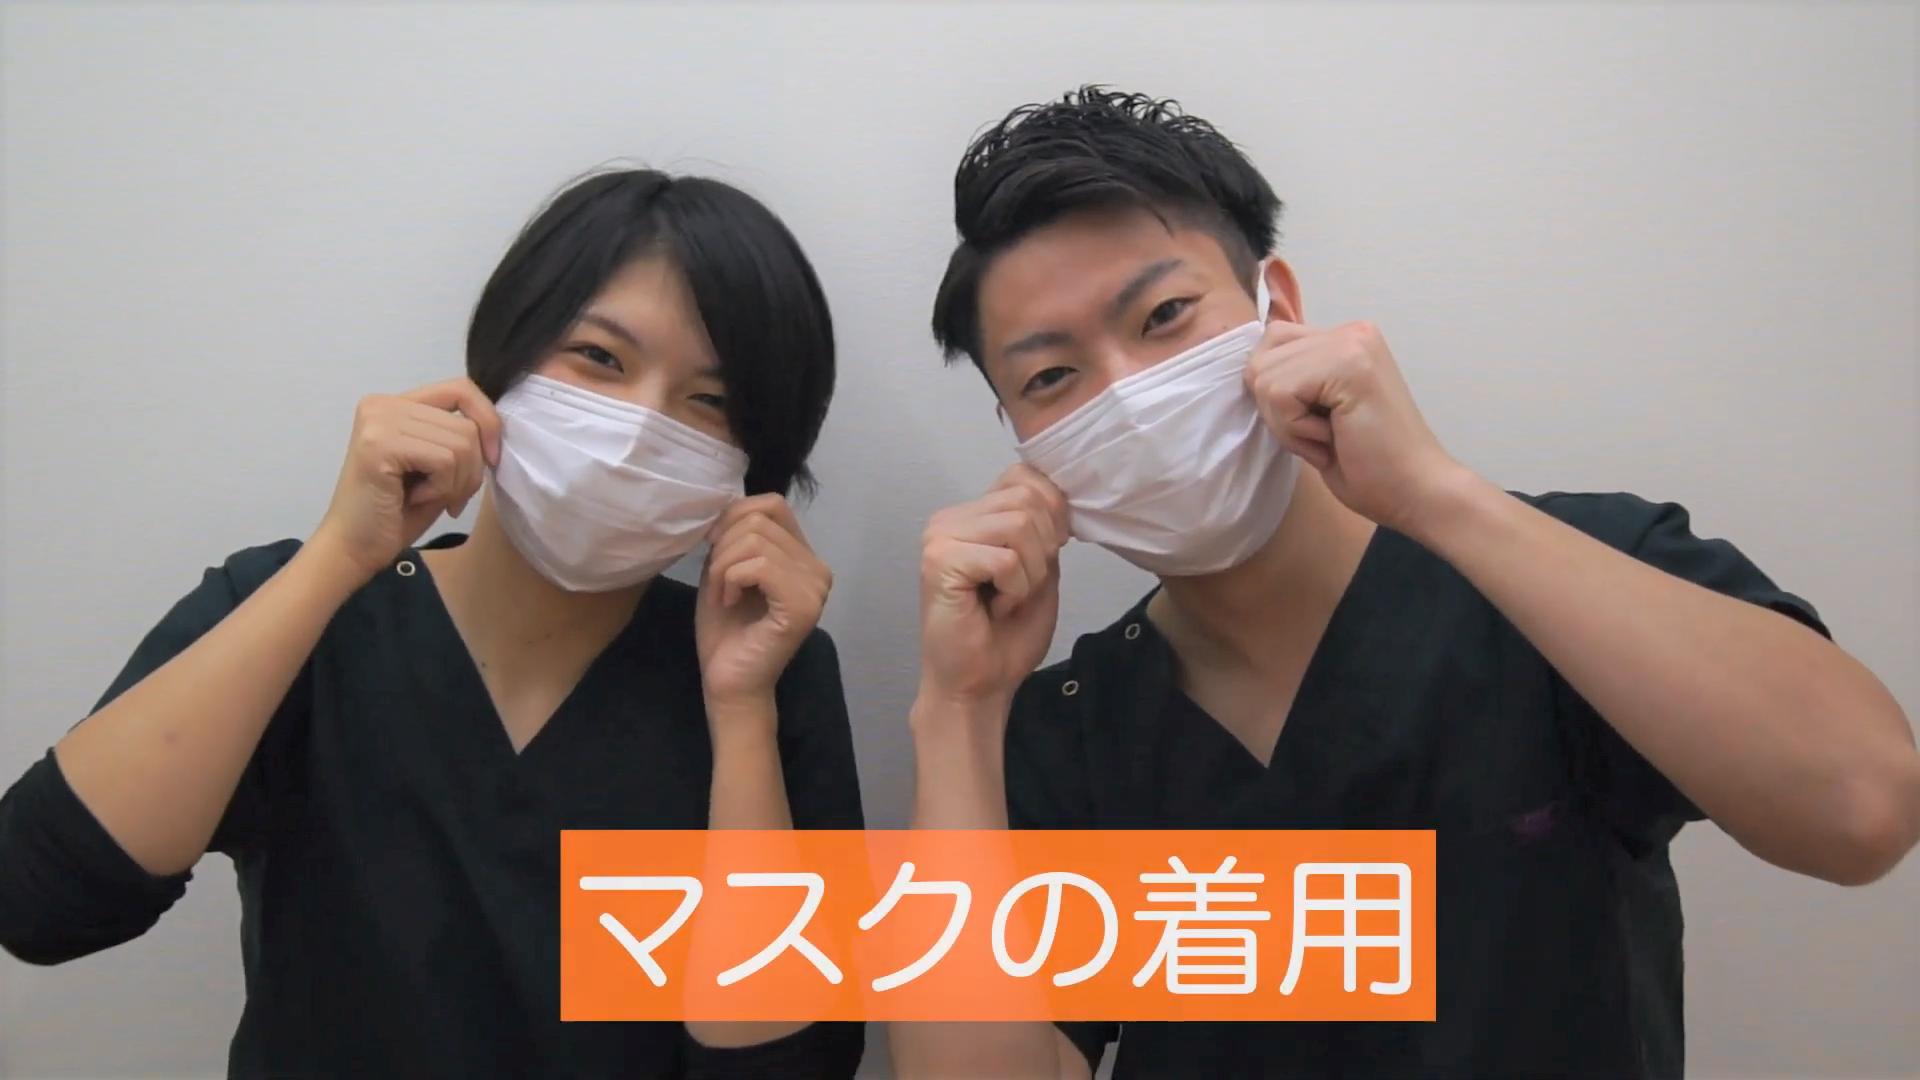 むさしグループのマスク着用の写真